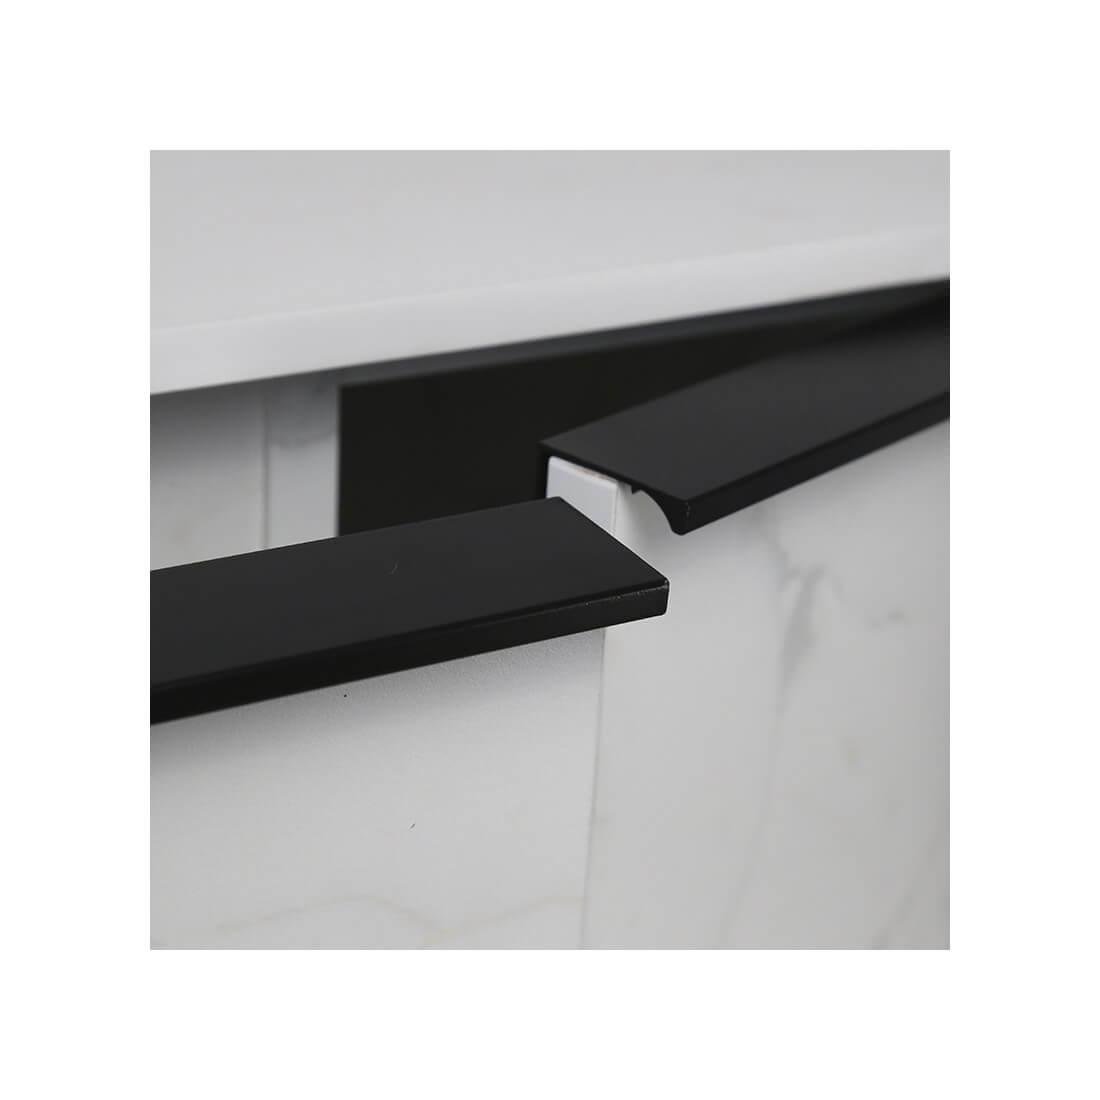 ▷ Mueble de baño Dinant de Otium -【Mueble suspendido o colgado】- TheBath